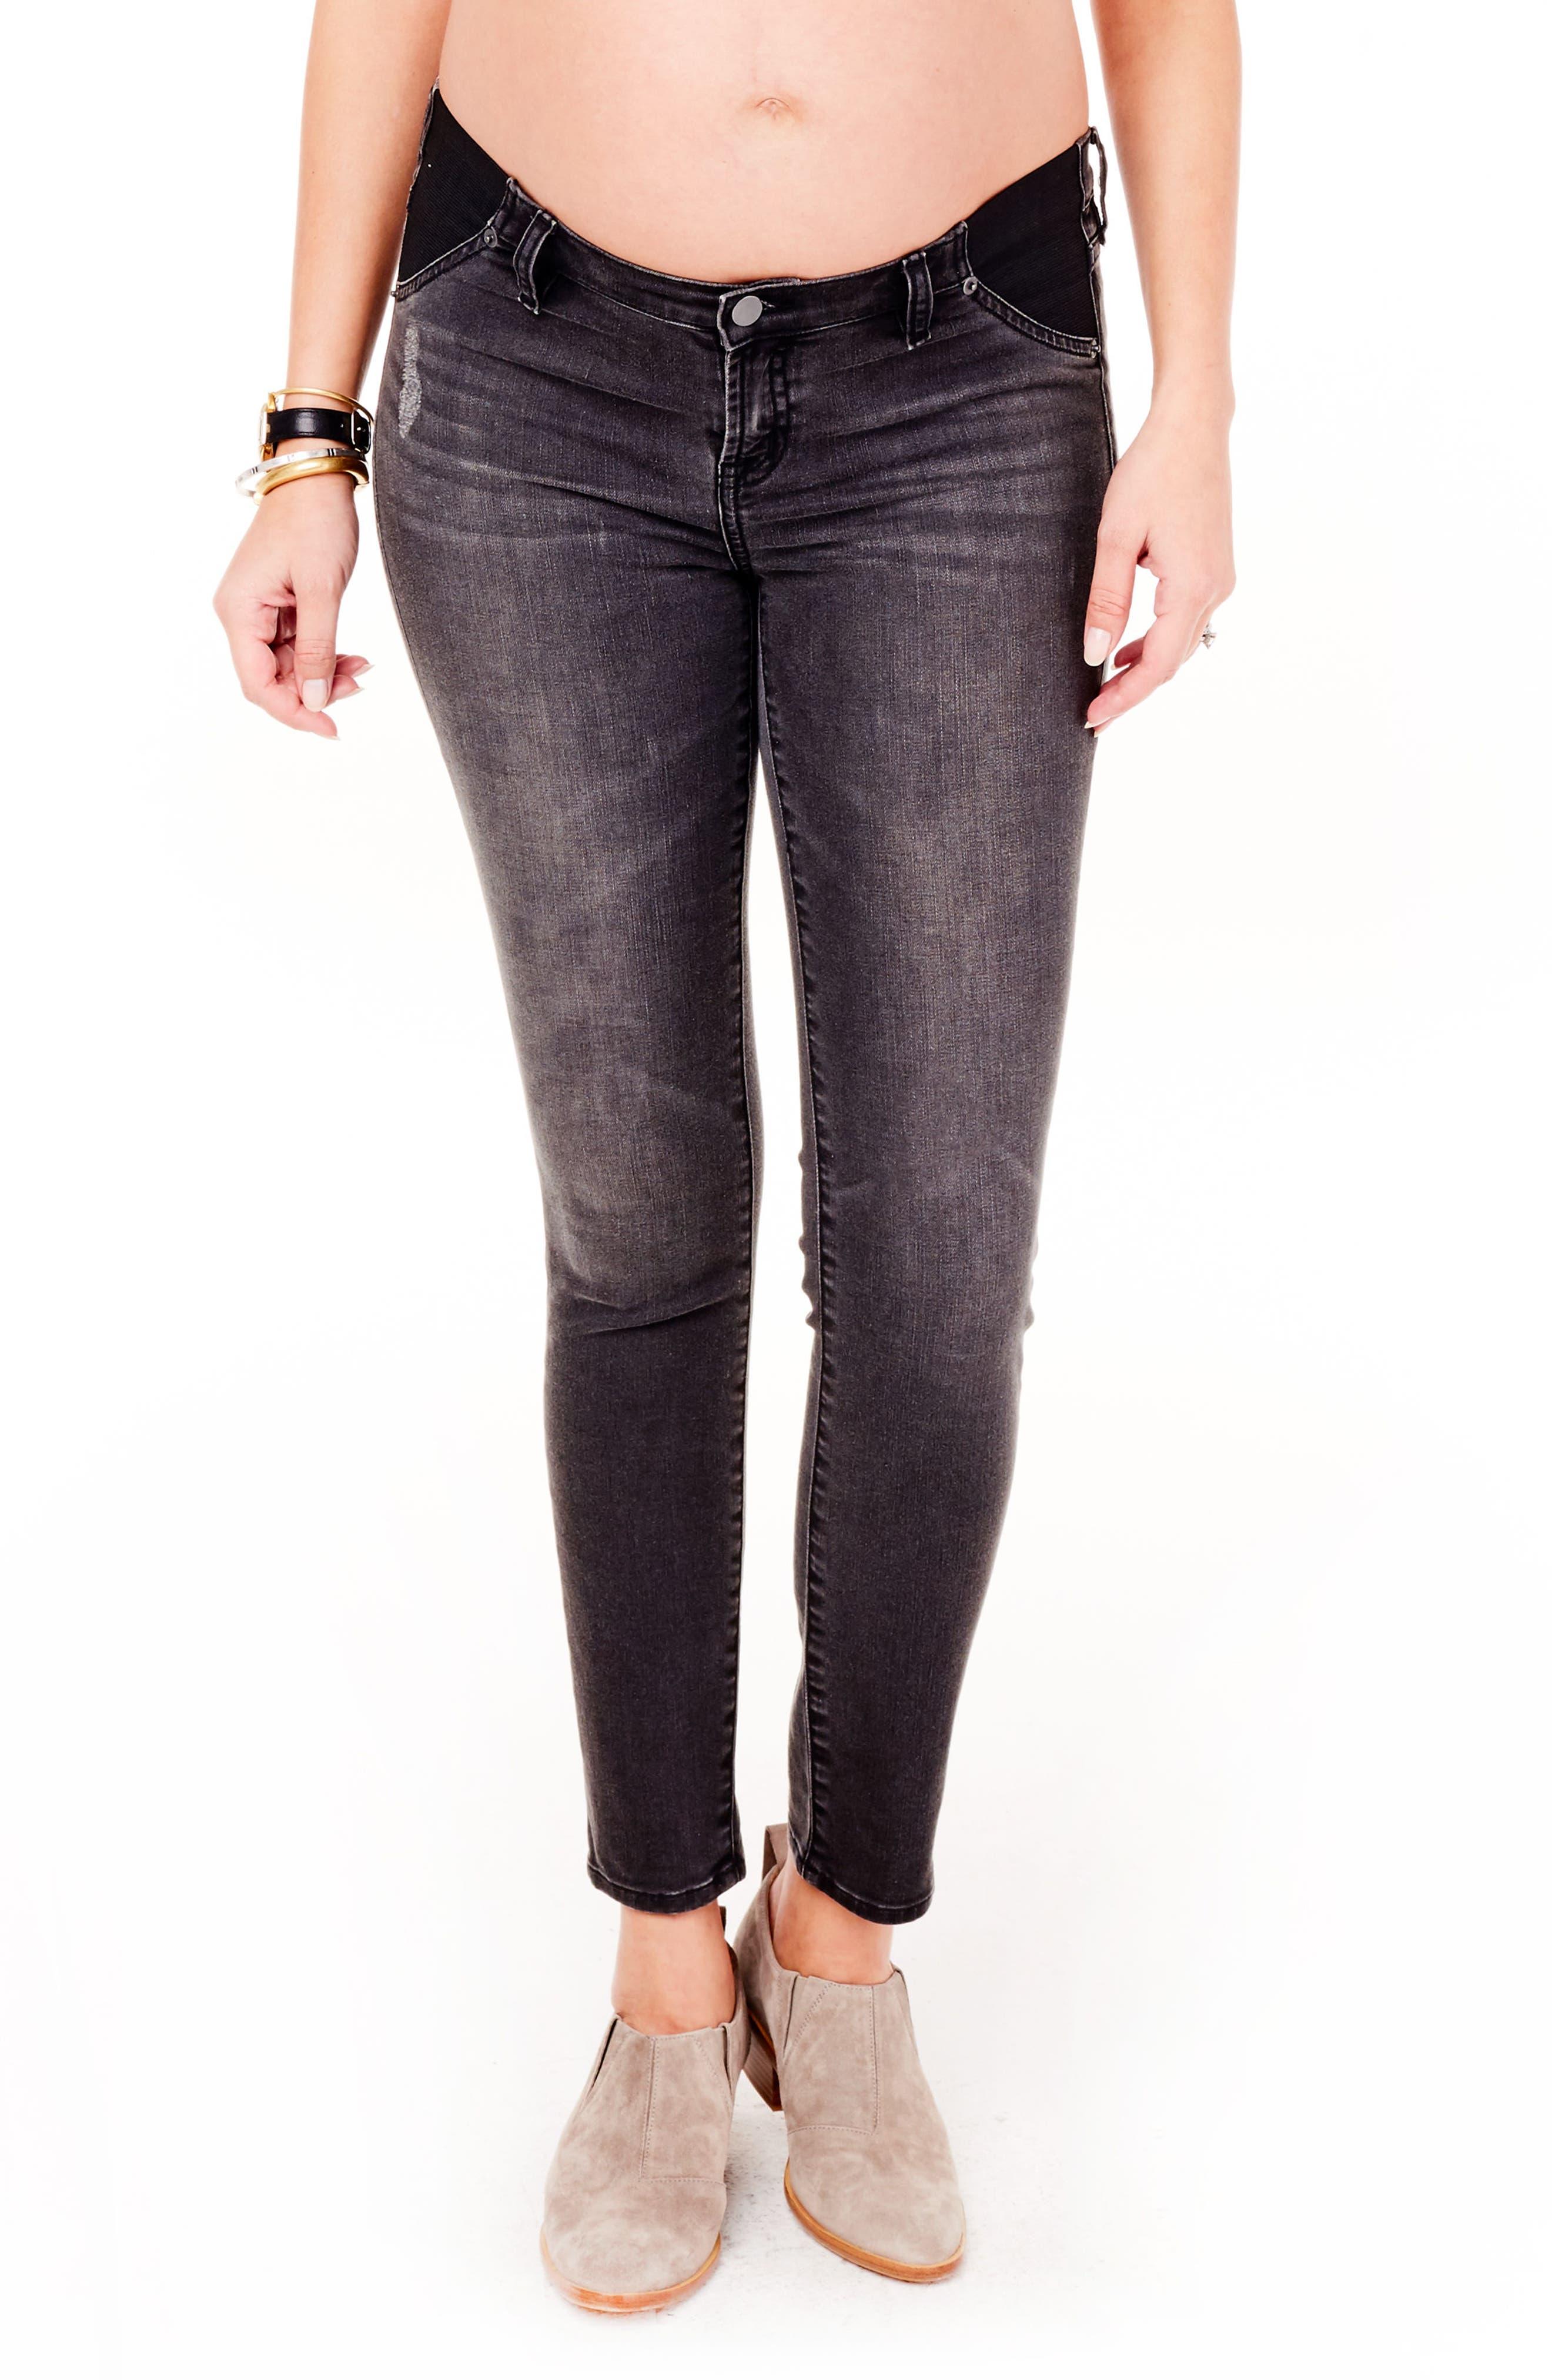 Main Image - Ingrid & Isabel® Sasha Maternity Skinny Jeans